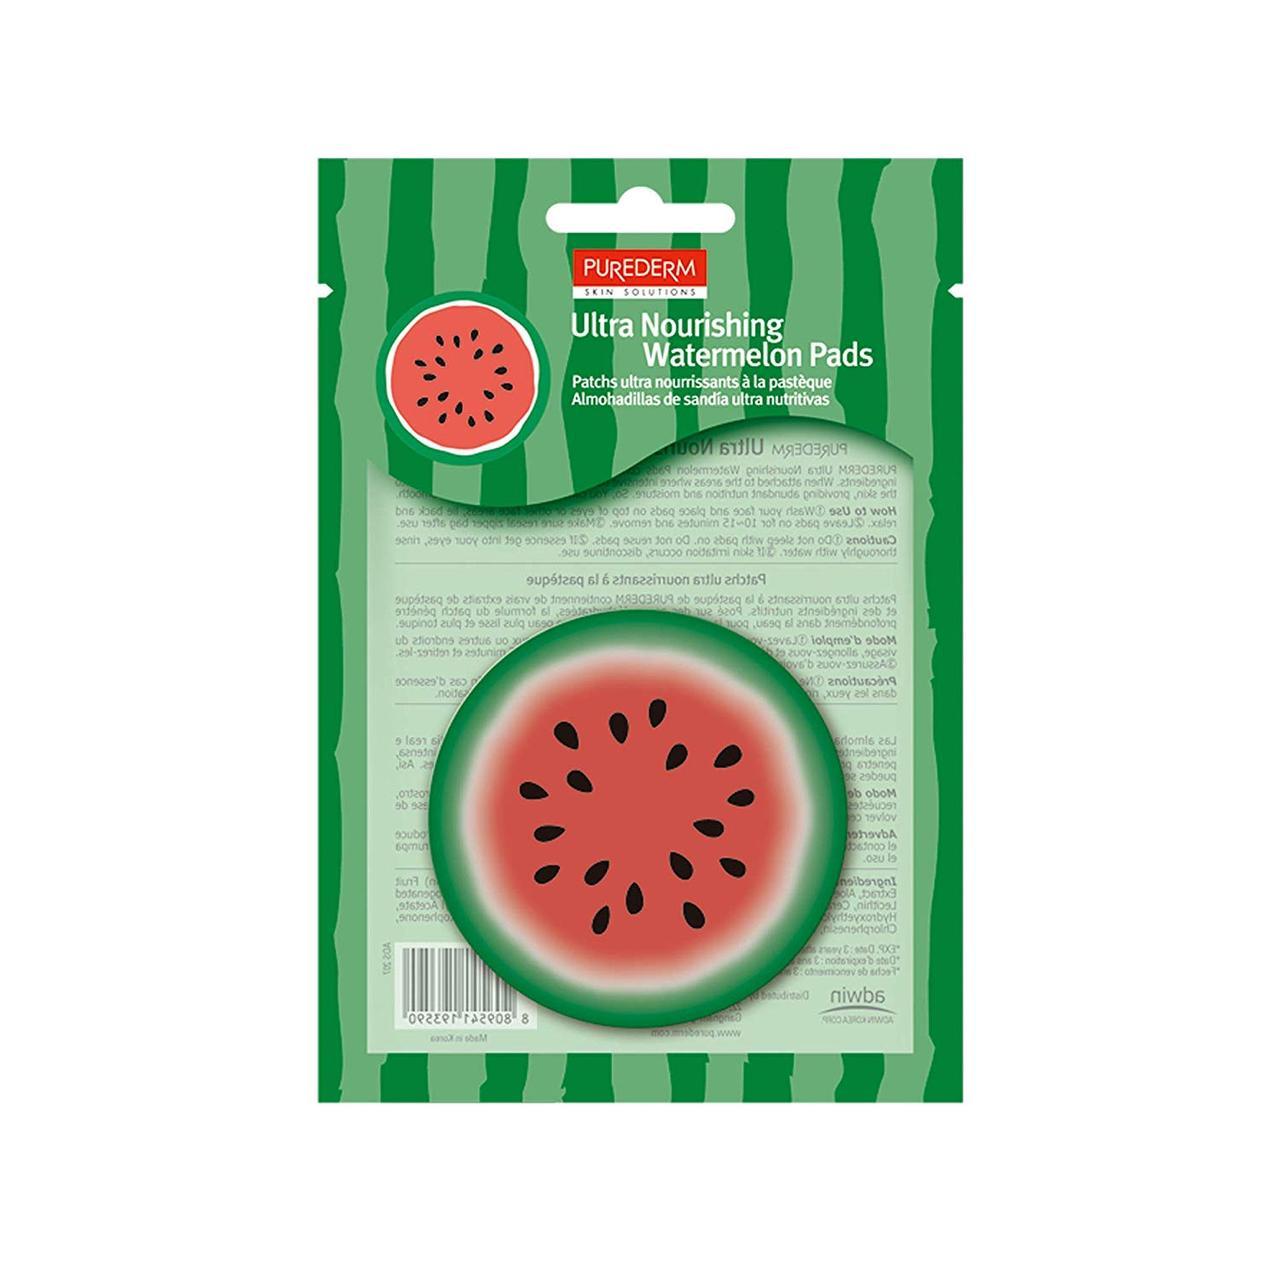 Патчи для интенсивного питания кожи с экстрактом арбуза PUREDERM Ultra Nourishing Watermelon Pads 10 шт